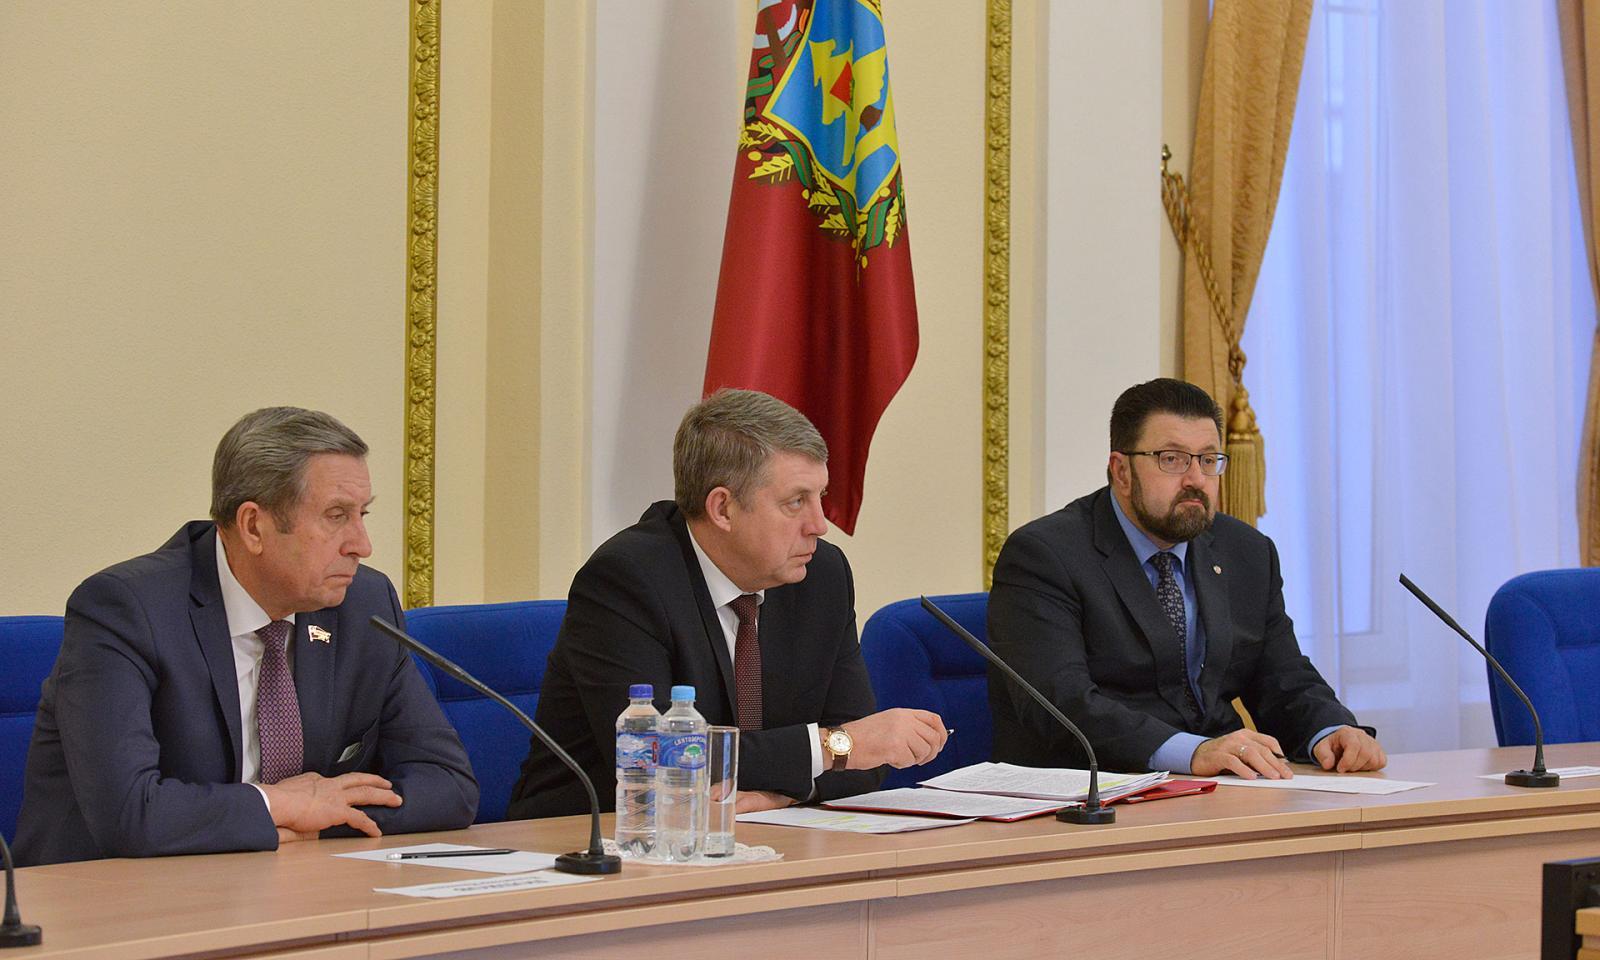 Брянские чиновники попробуют сдать ЕГЭ по русскому языку и математике